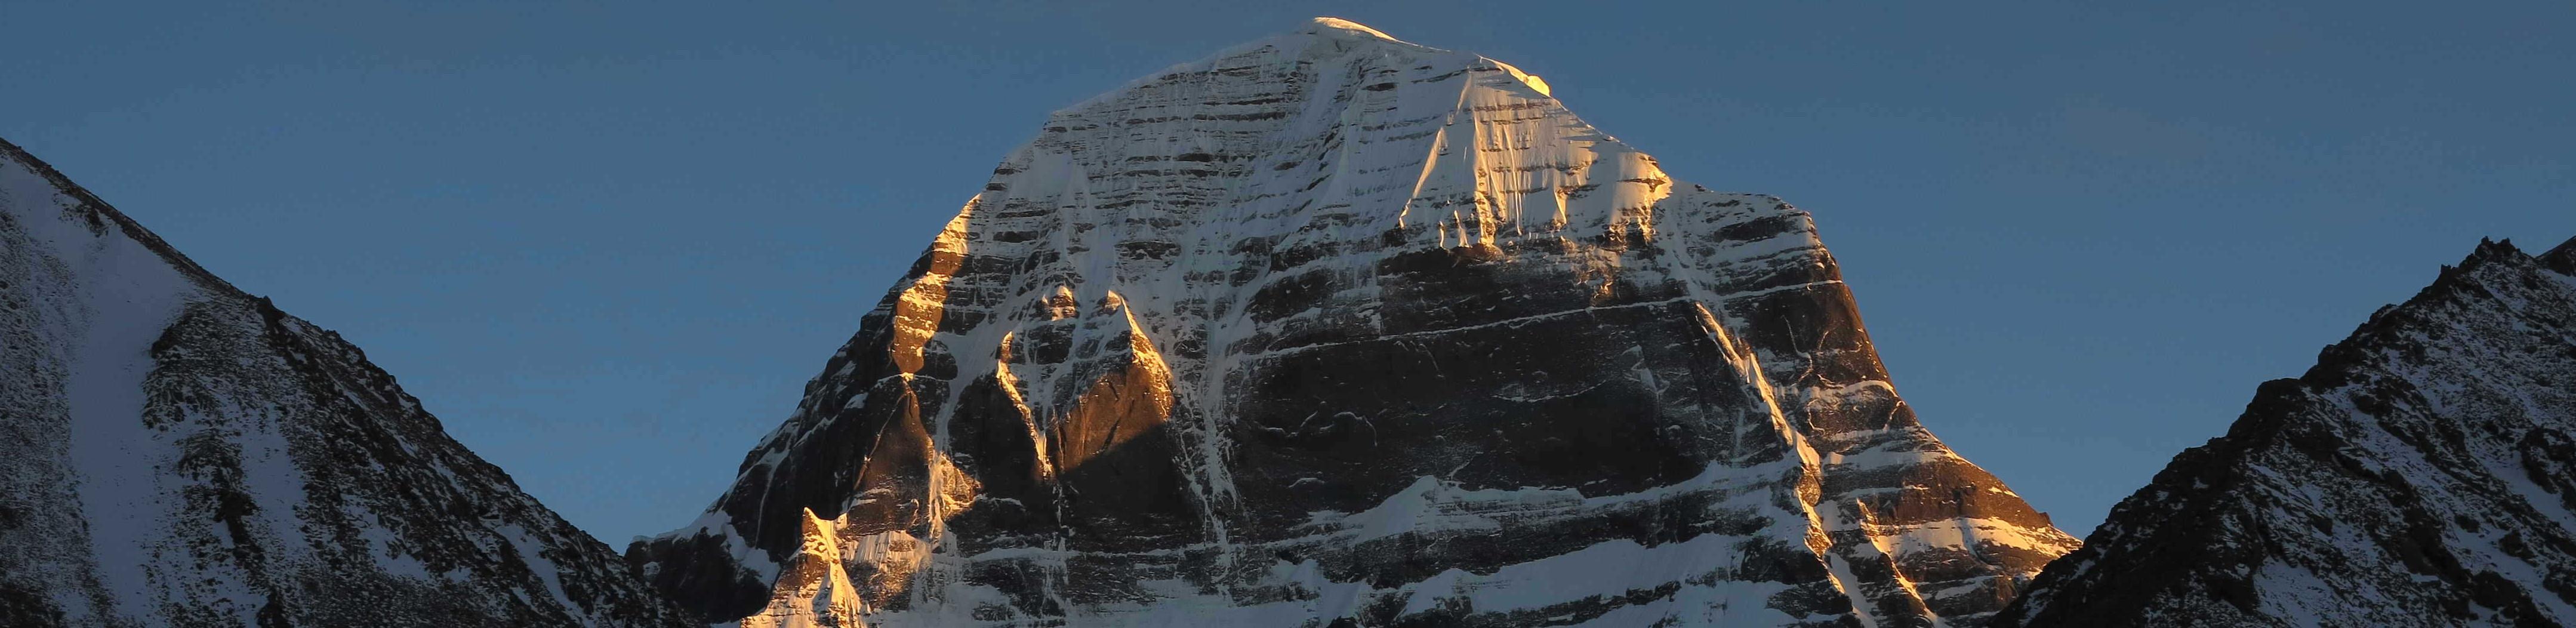 Extensão Lua Cheia no Monte Kailash e Lago Mansarovar